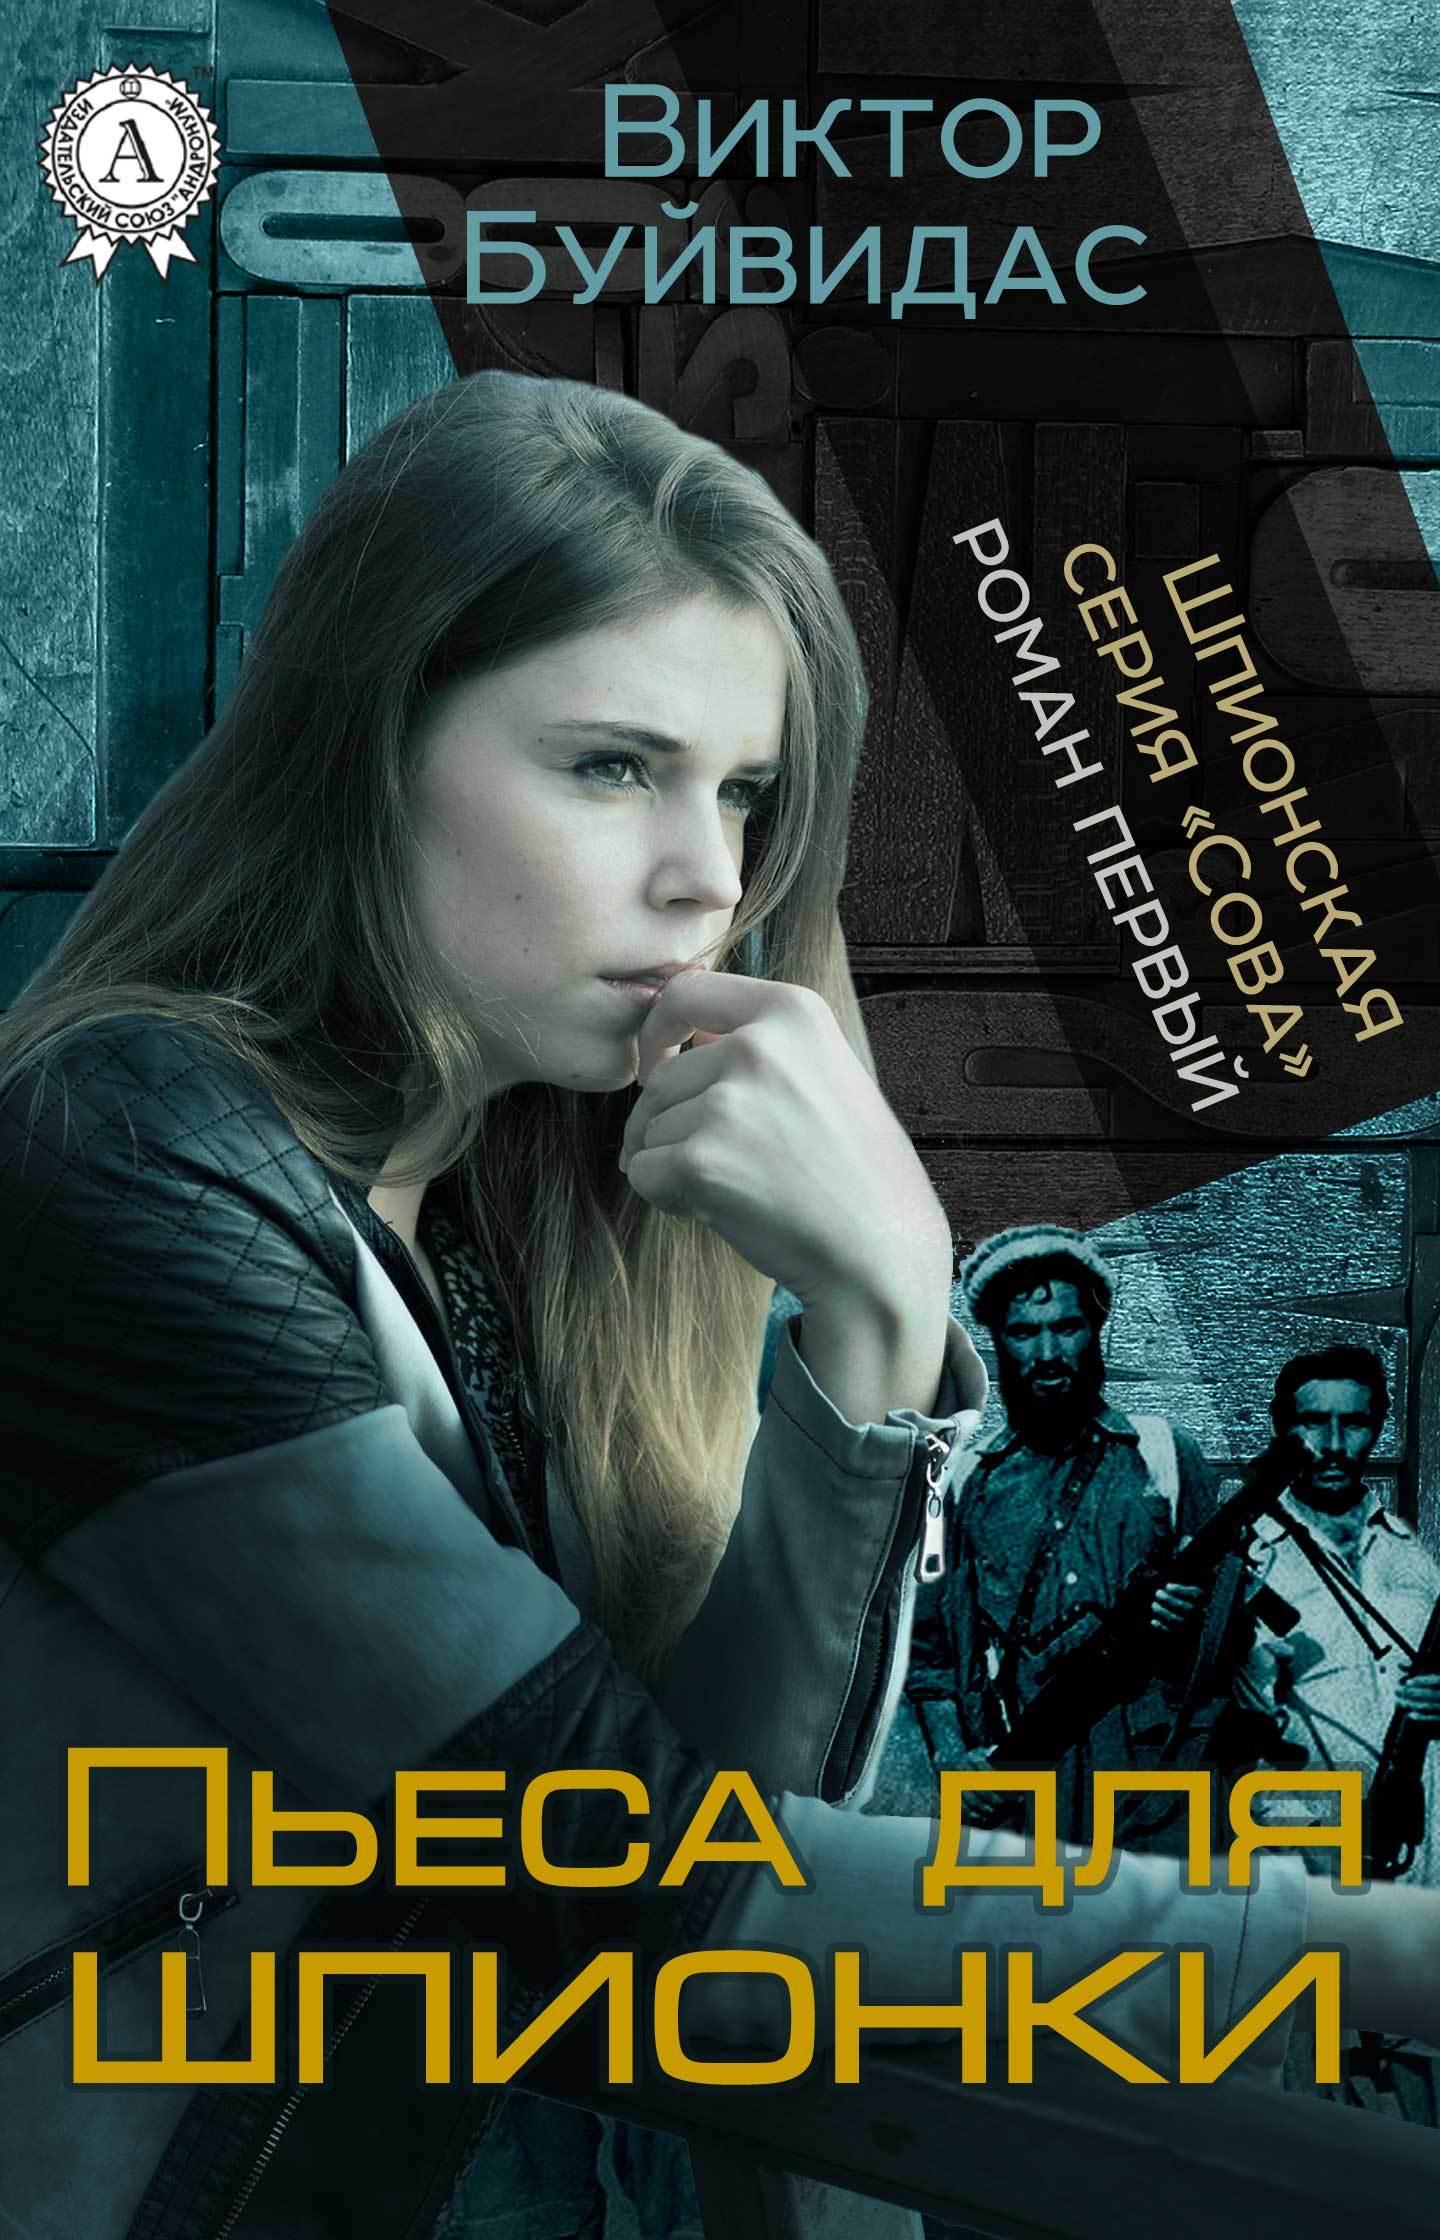 Обложка книги Пьеса для шпионки, автор Буйвидас, Виктор